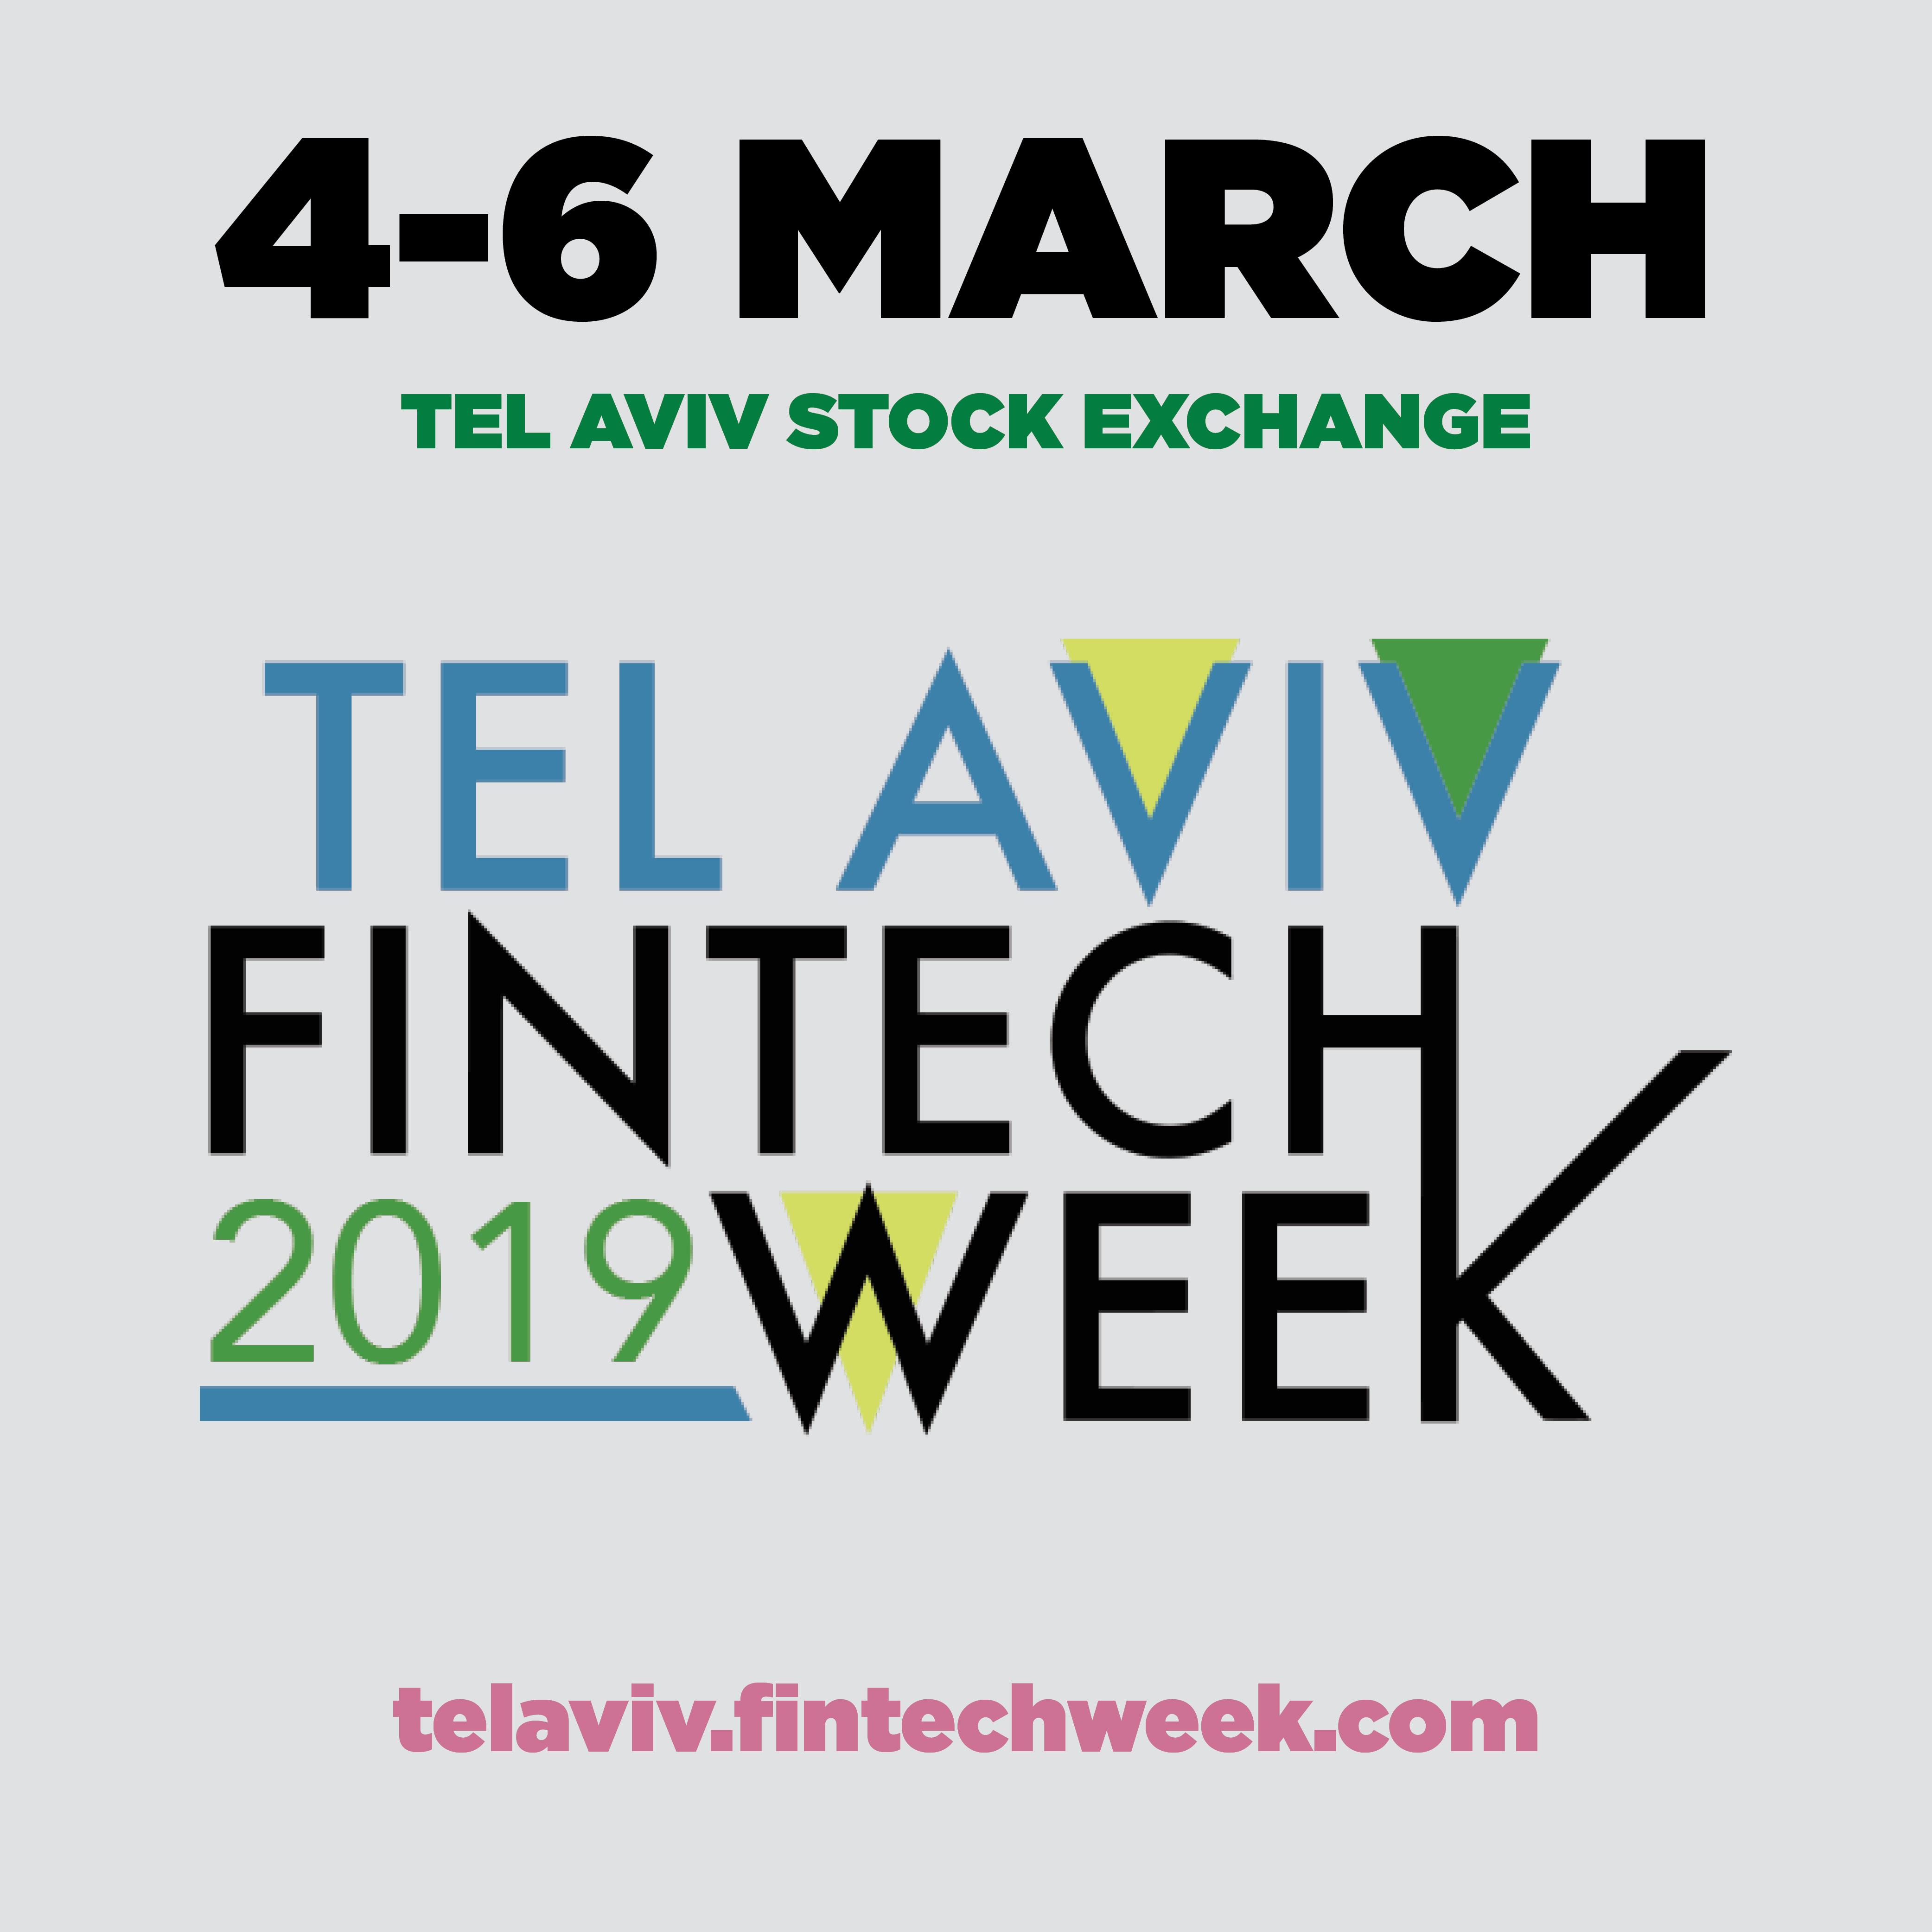 Fintech week in Tel aviv